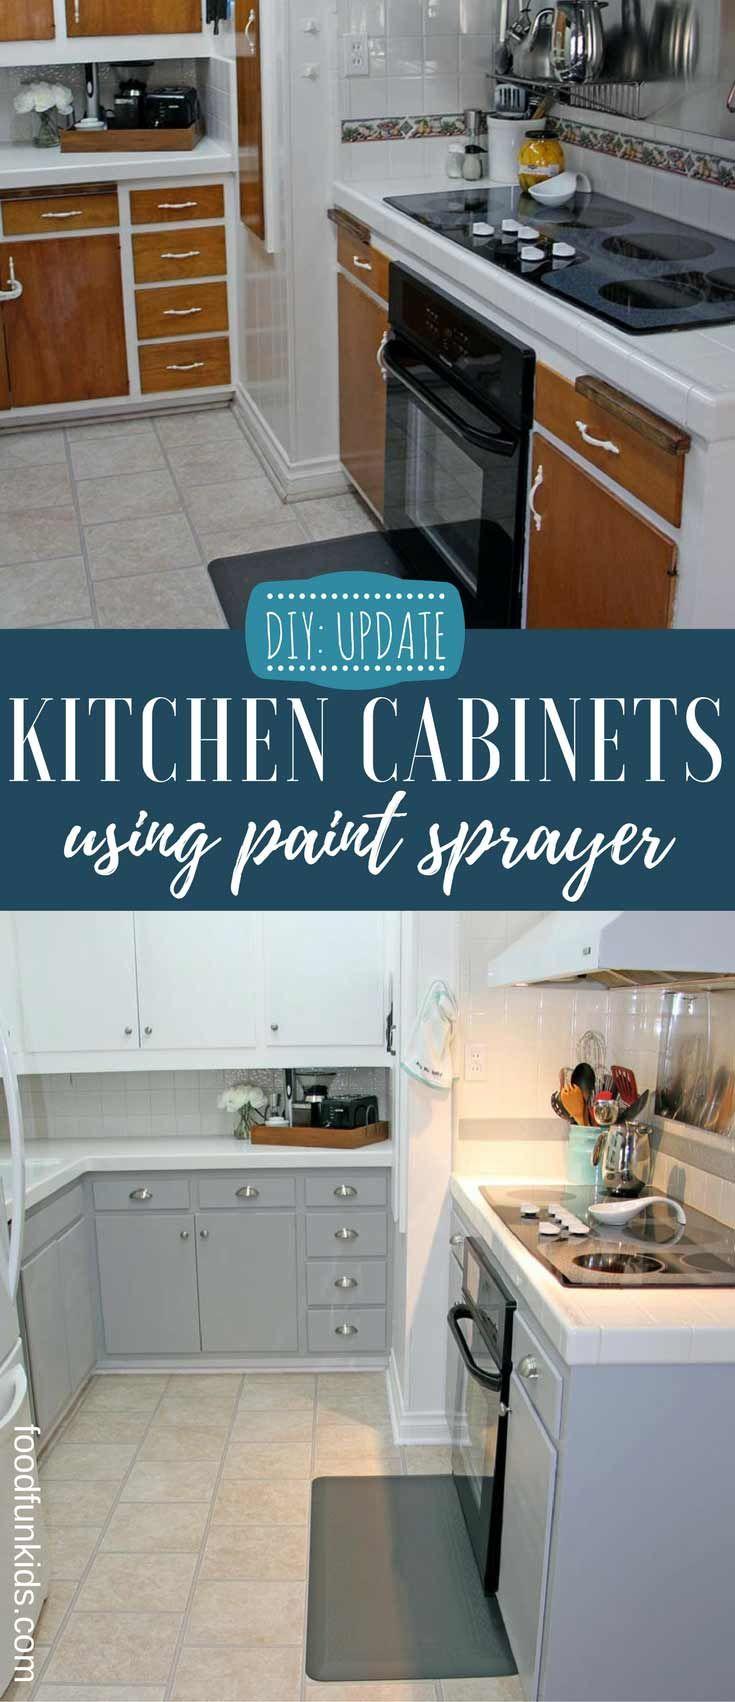 DIY: Updating Kitchen Cabinets with Paint Sprayer | Updating kitchen ...